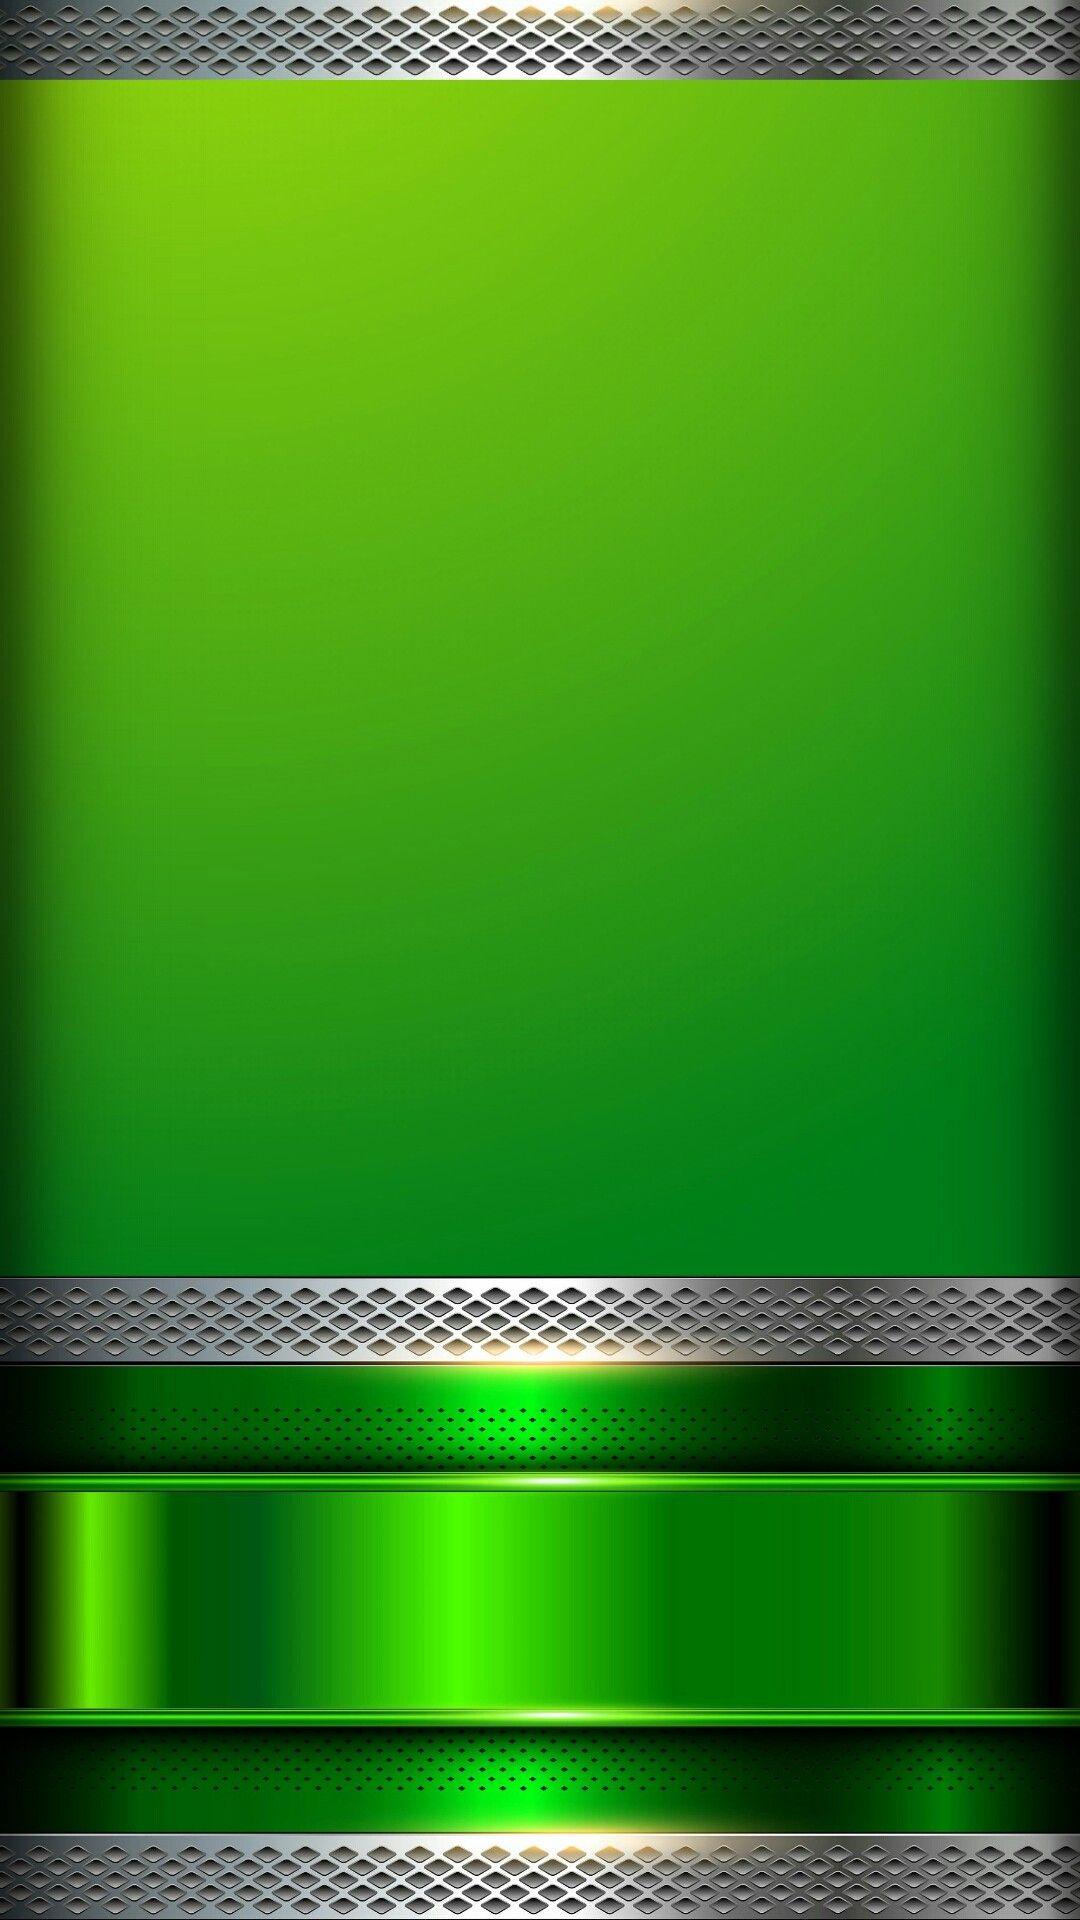 Hd Green 3d Design Iphone 4 Wallpapers Backgrounds Cool Wallpapers For Phones 3d Wallpaper For Mobile Neon Light Wallpaper